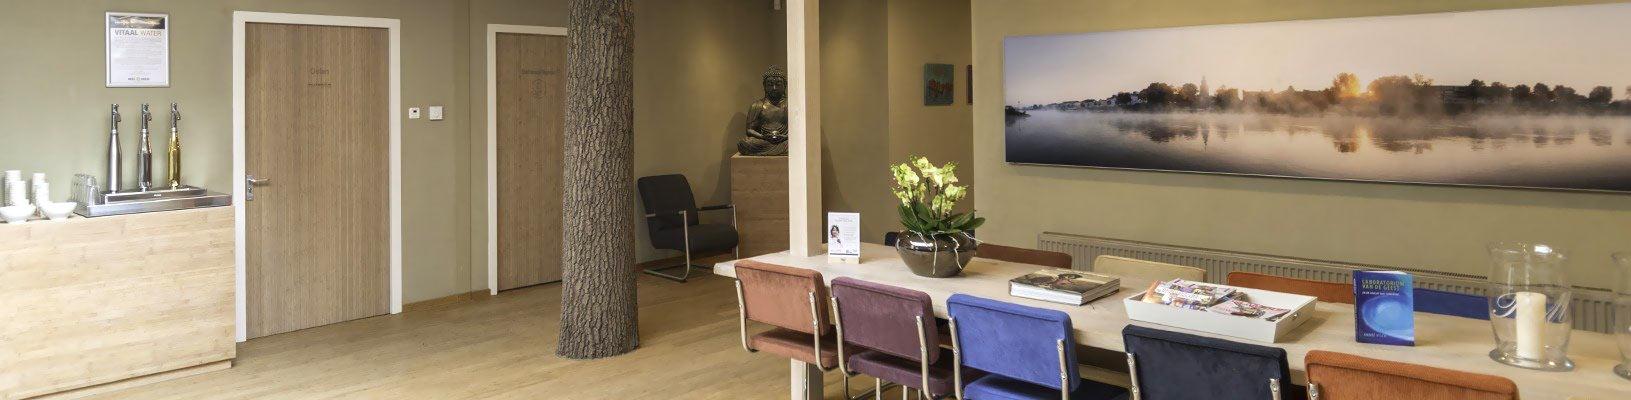 Psychologie HeelHuus Gezondheidscentrum Warnsveld Zutphen